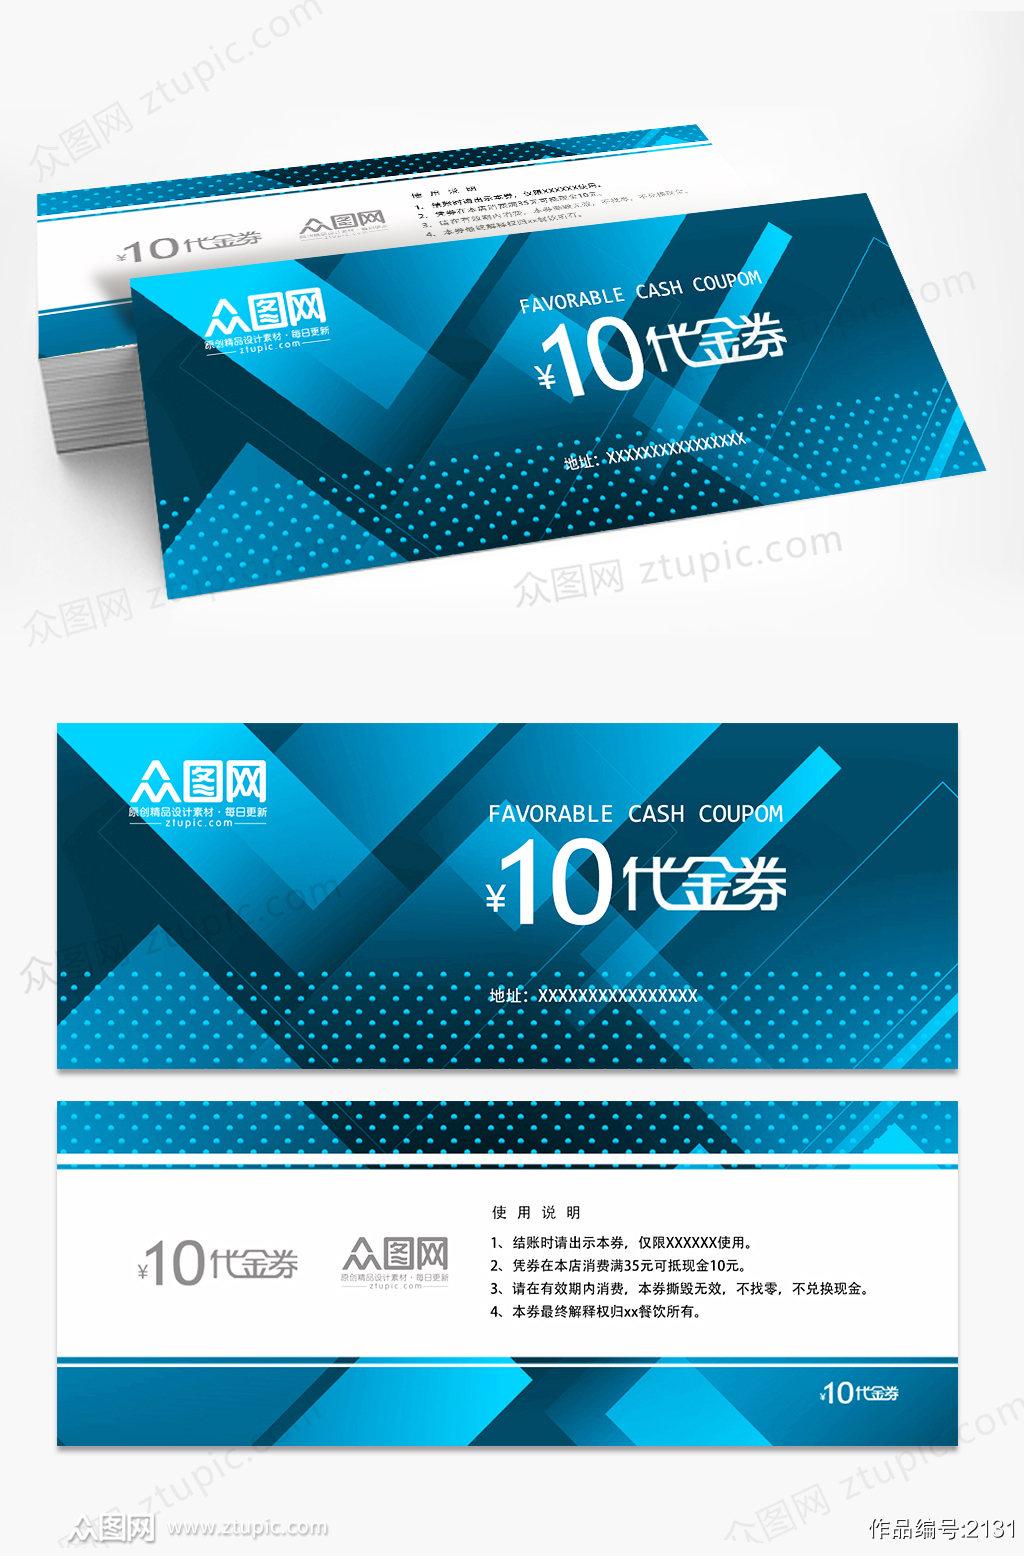 大气蓝色科技炫彩渐变代金券企业优惠券设计素材